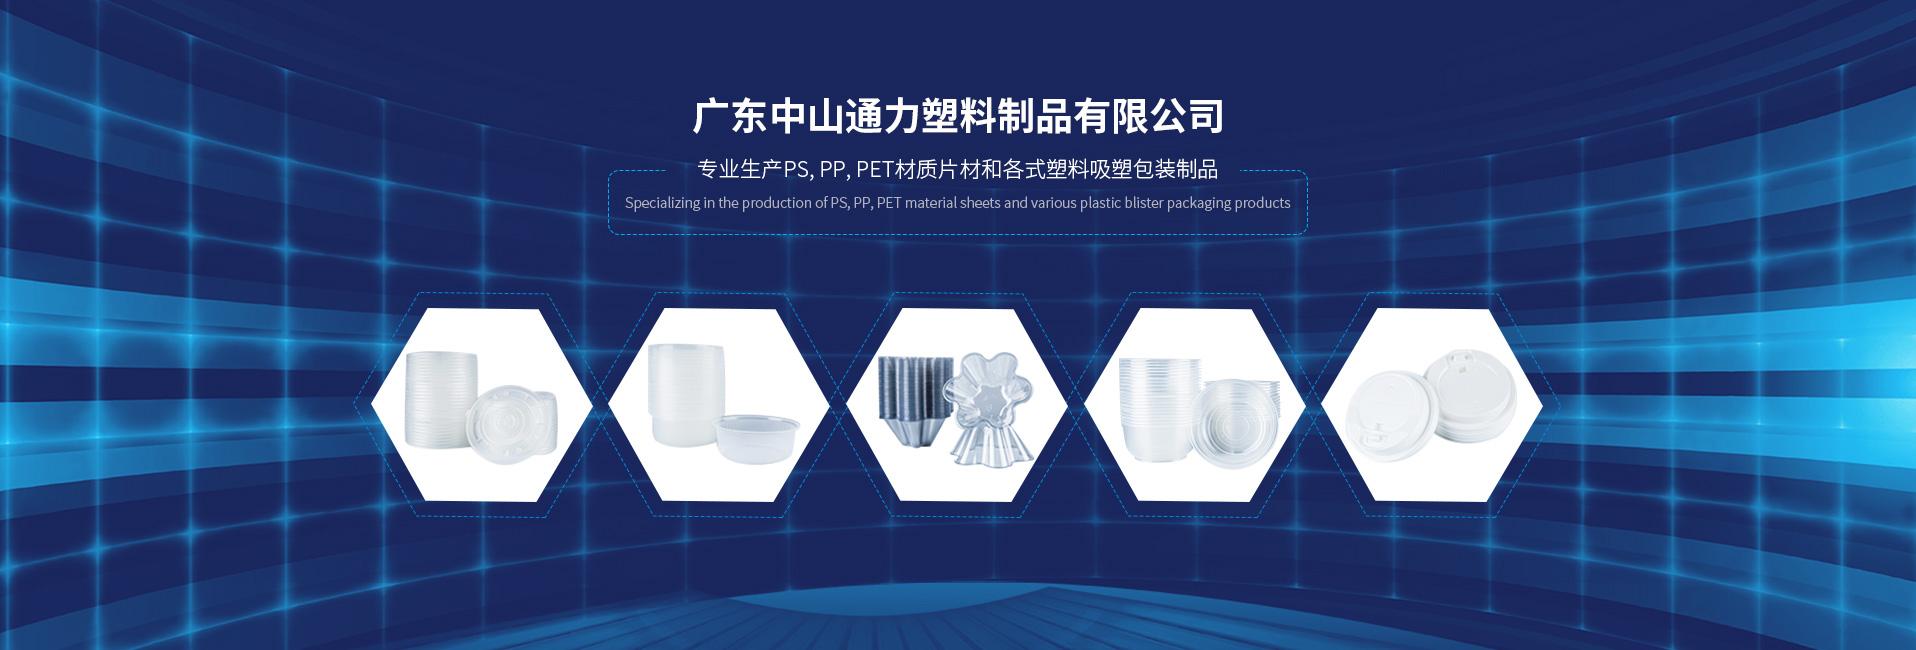 中山市通力塑料制品ballbet贝博app下载ios公司介绍